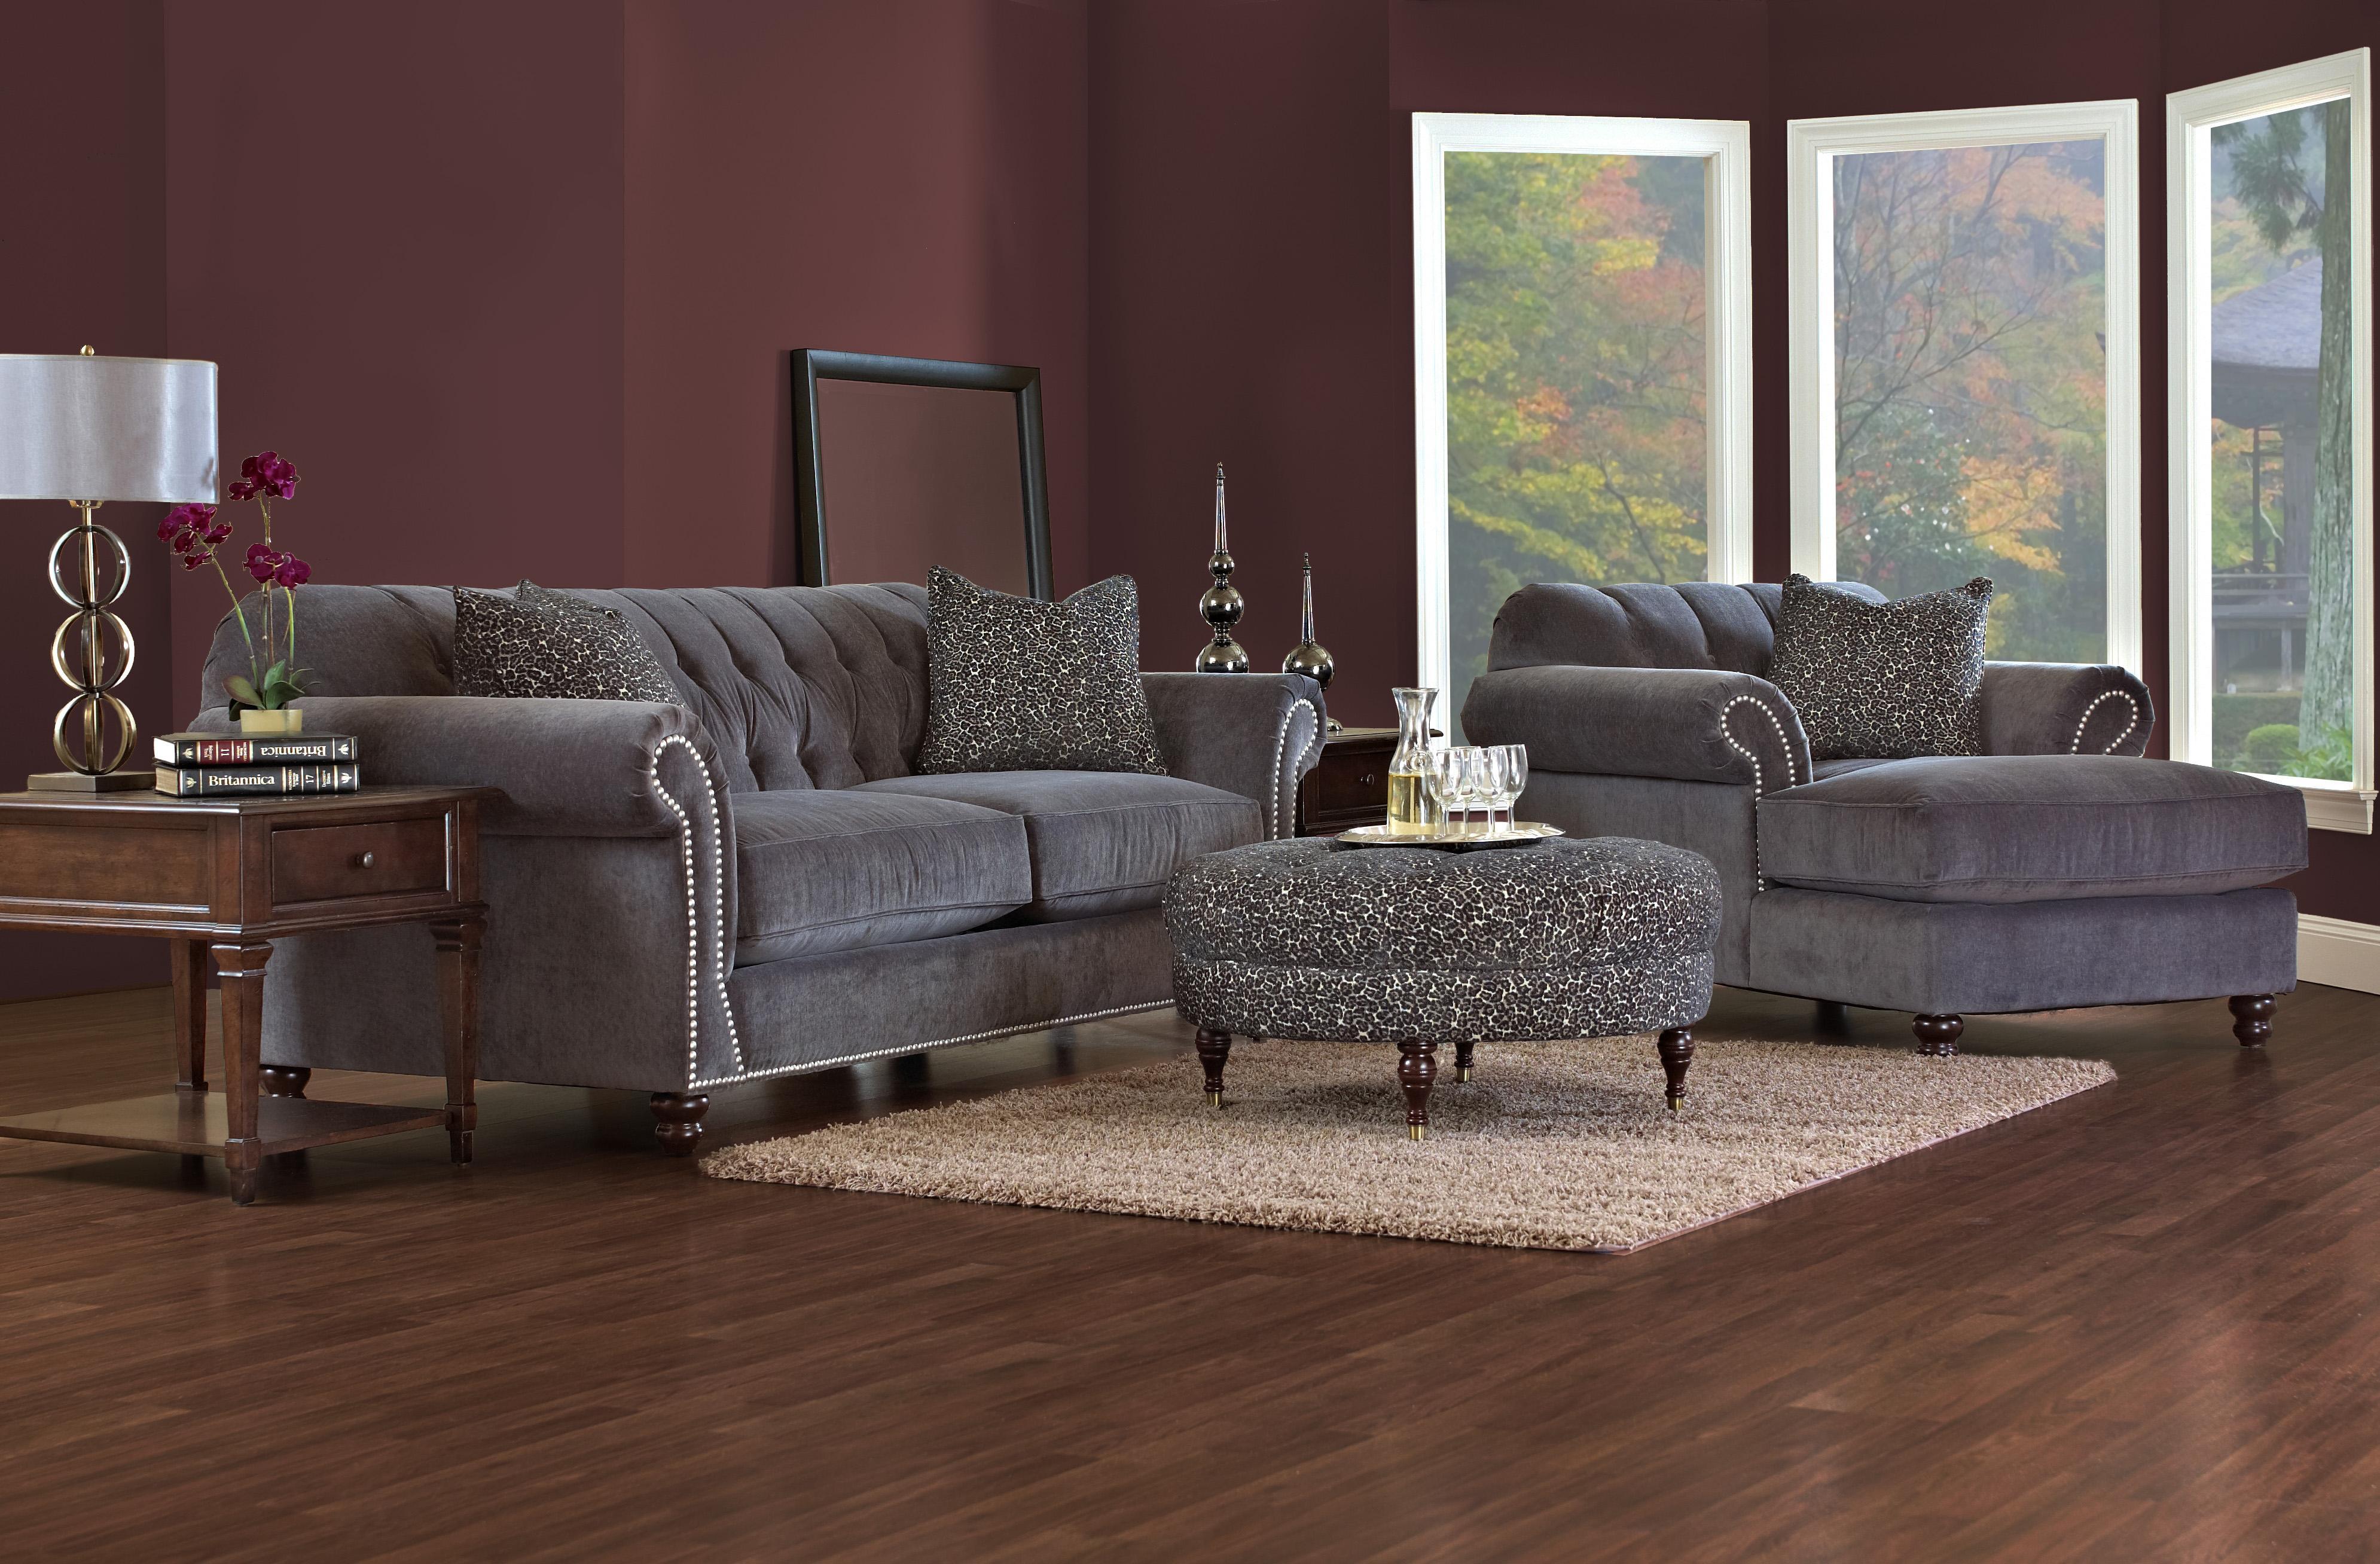 Klaussner Flynn Stationary Living Room Group - Item Number: D90910 Living Room Group 1